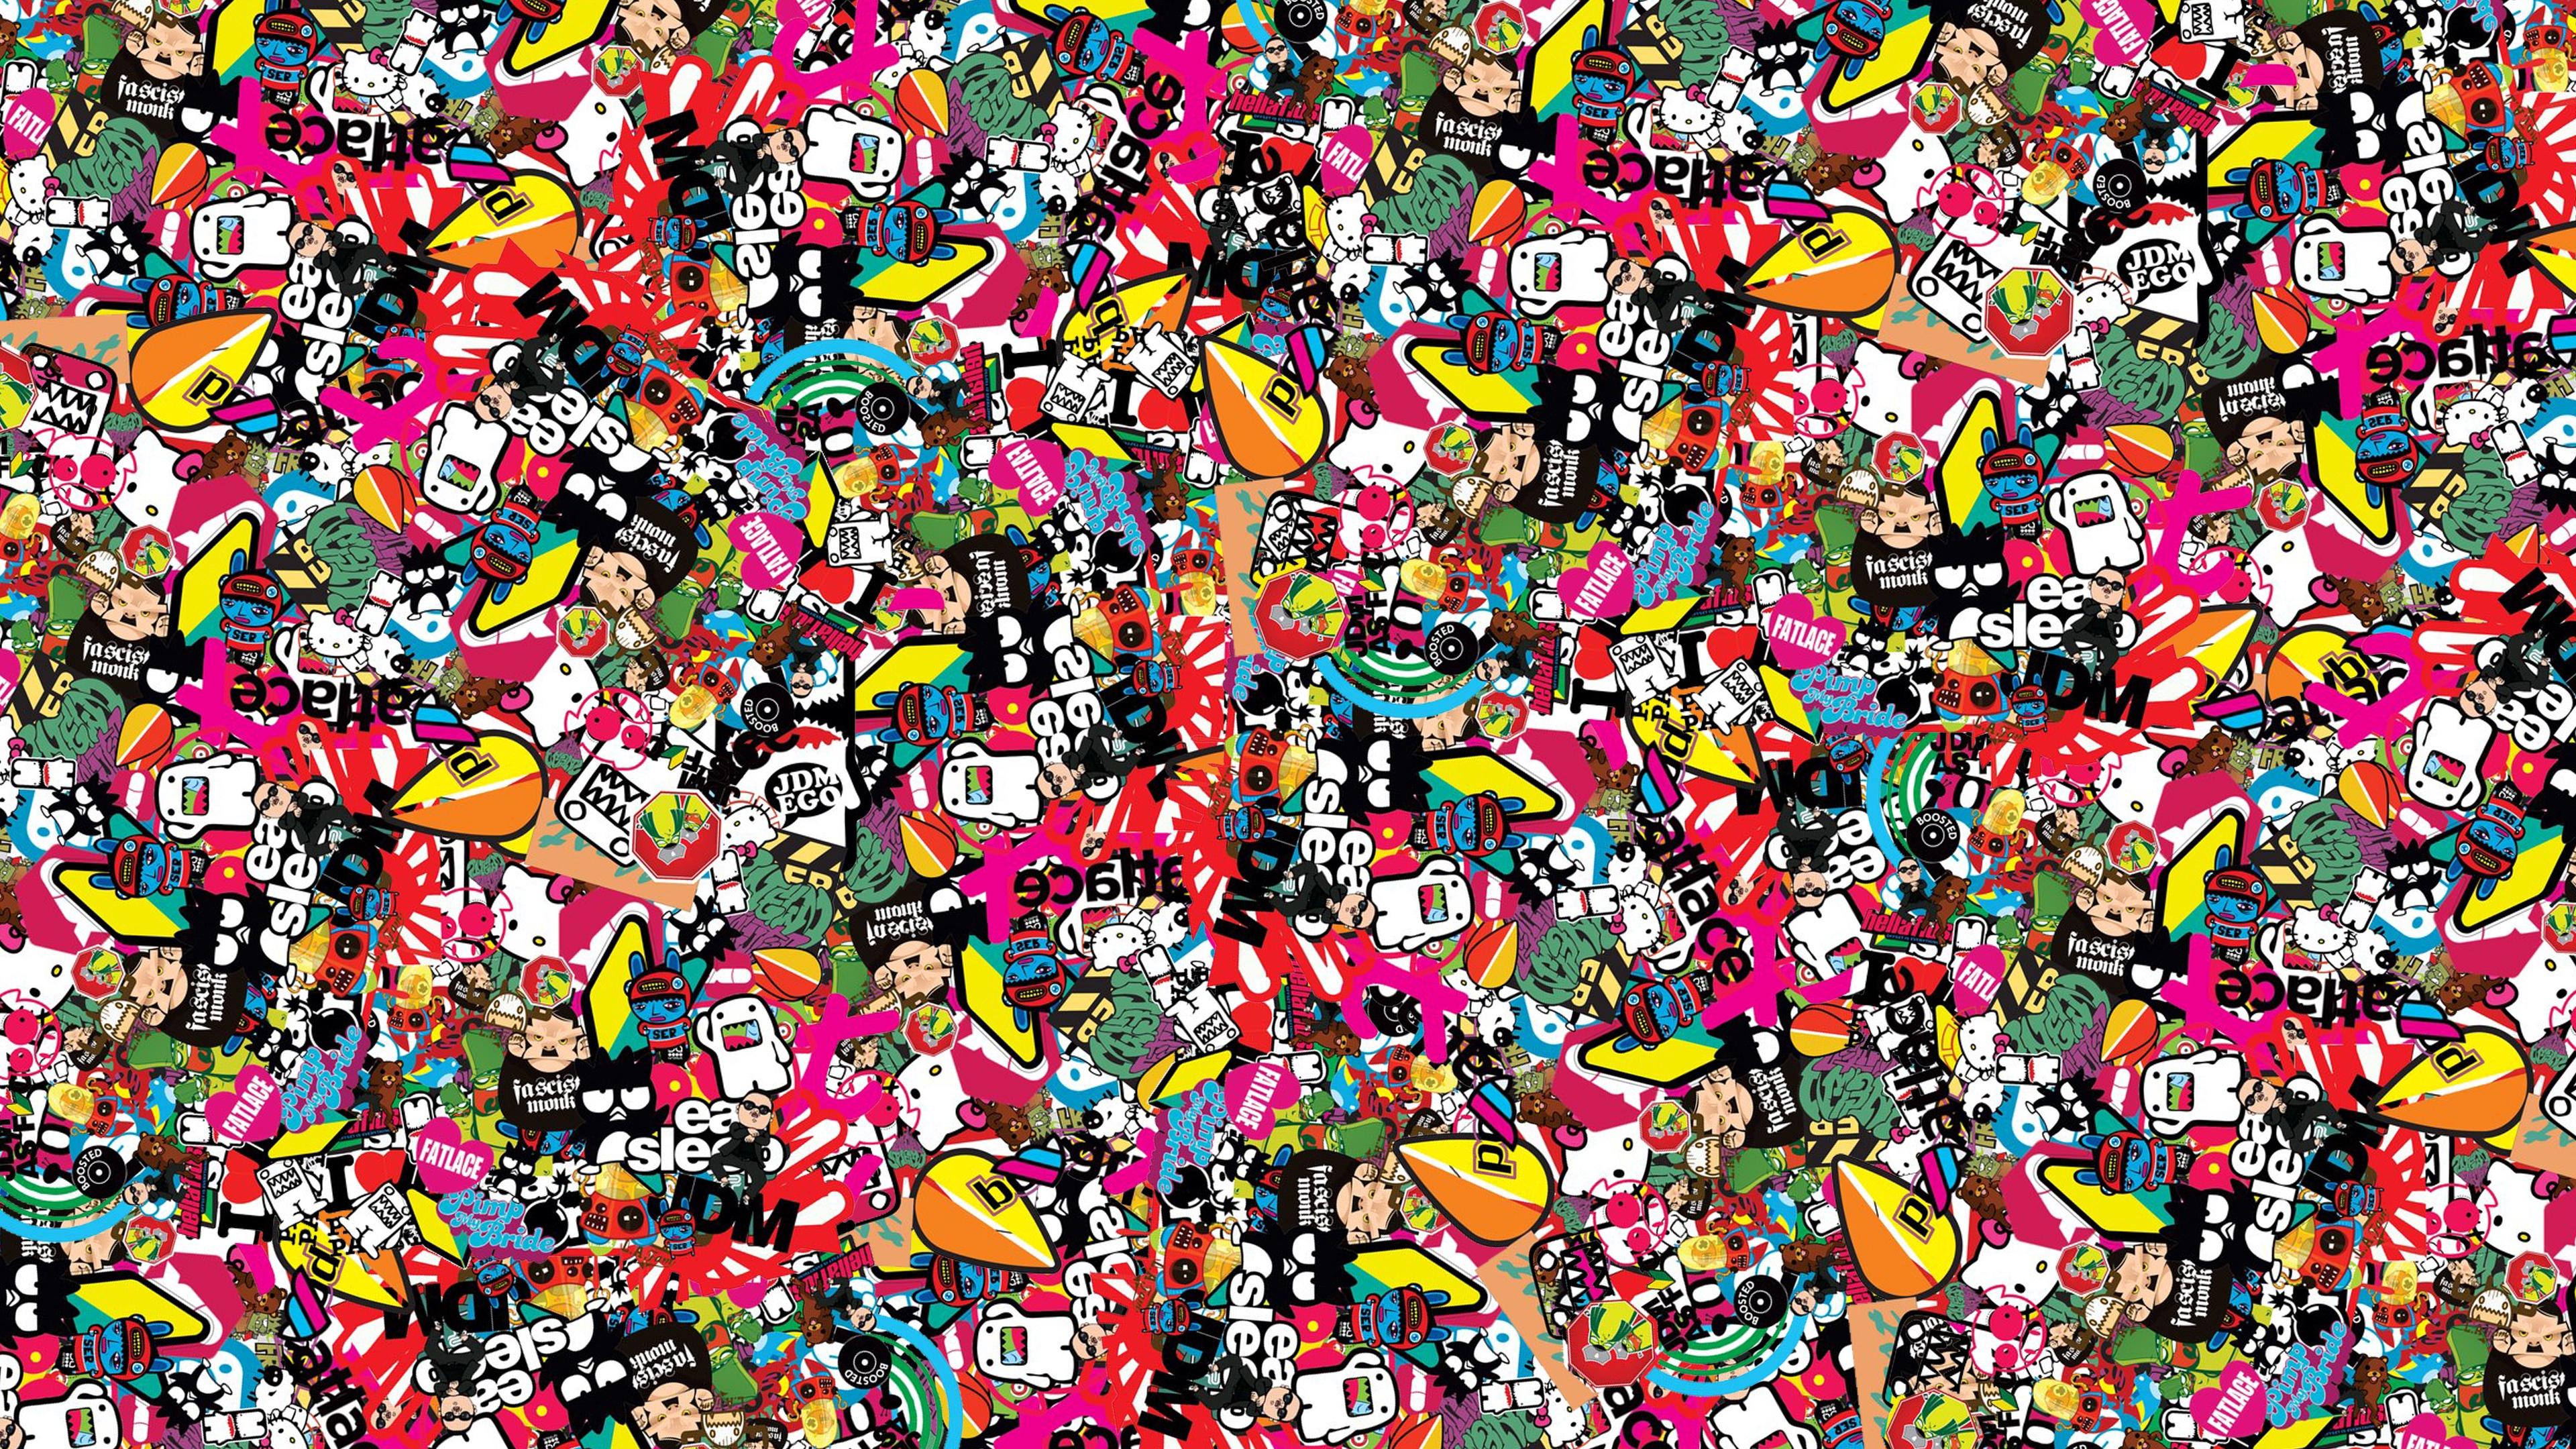 jdm background style sticker texture 4k 1536097837 - jdm, background, style, sticker, texture 4k - Style, jdm, Background